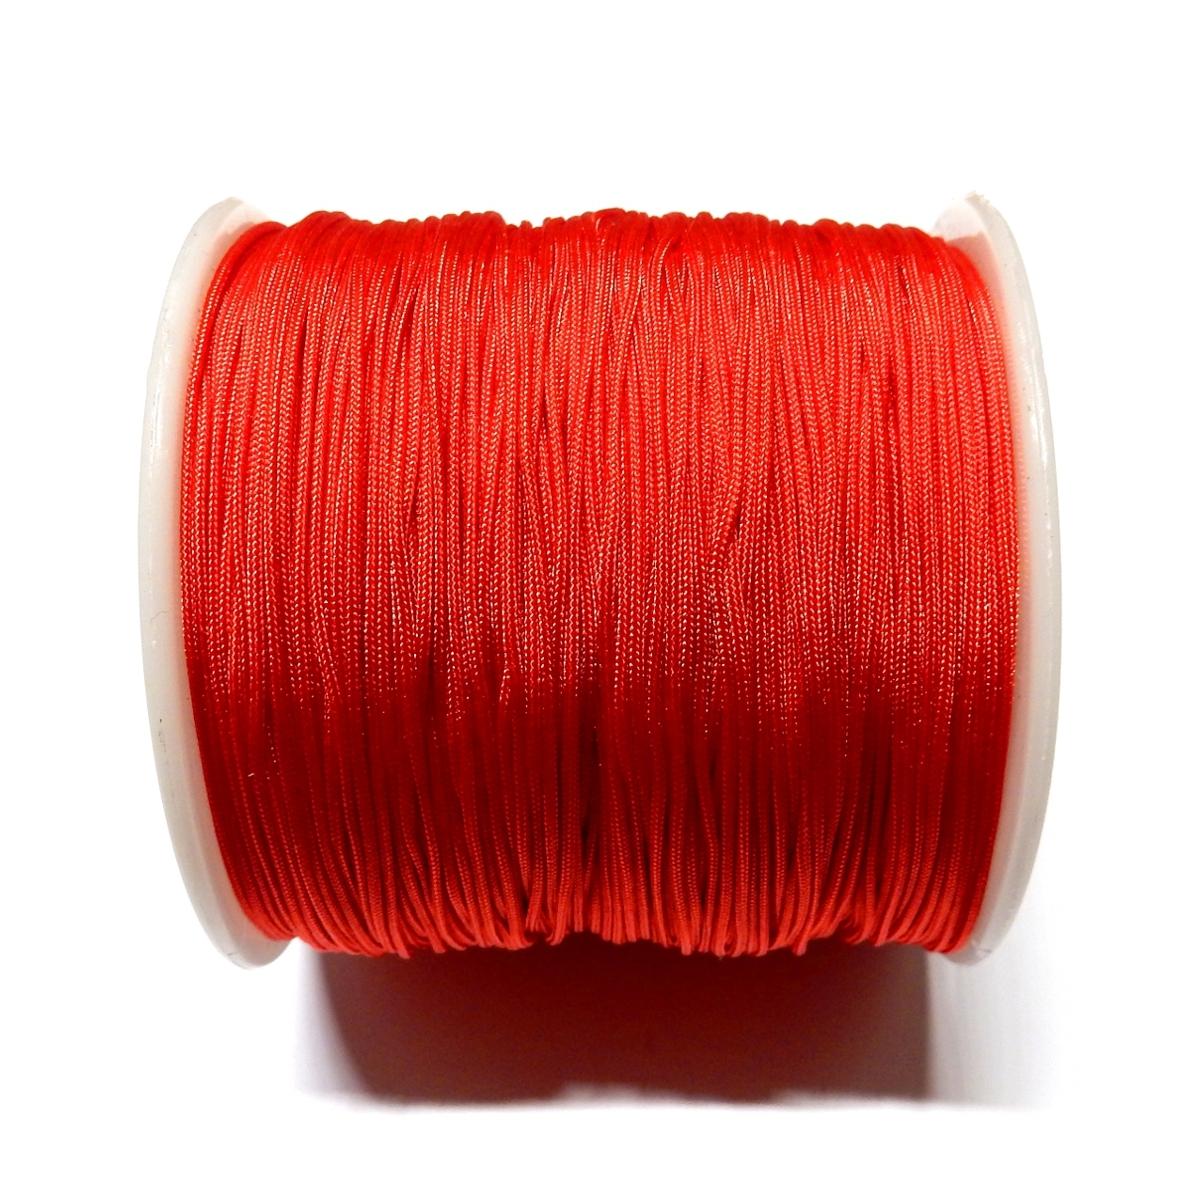 Cordon De Nylon 0.7mm - Rojo 700